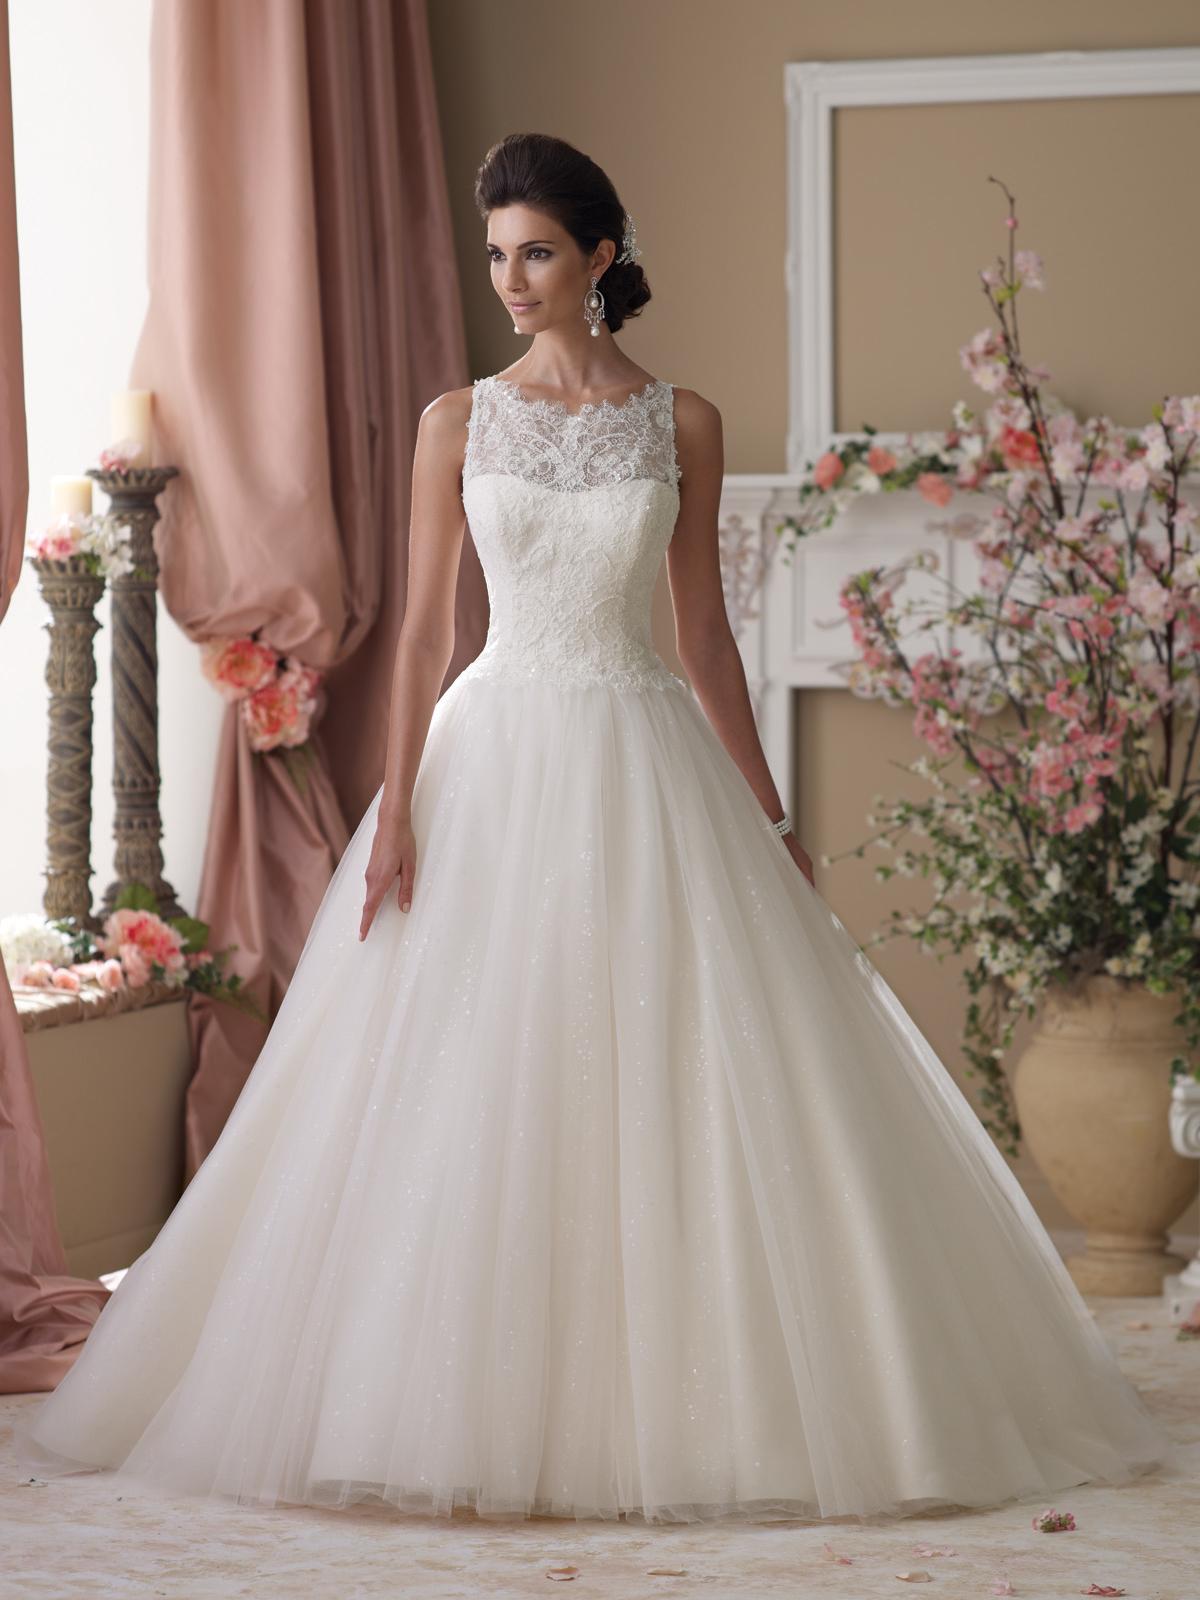 بالصور صور فساتين عرايس , فساتين زفاف راقيه 4623 9